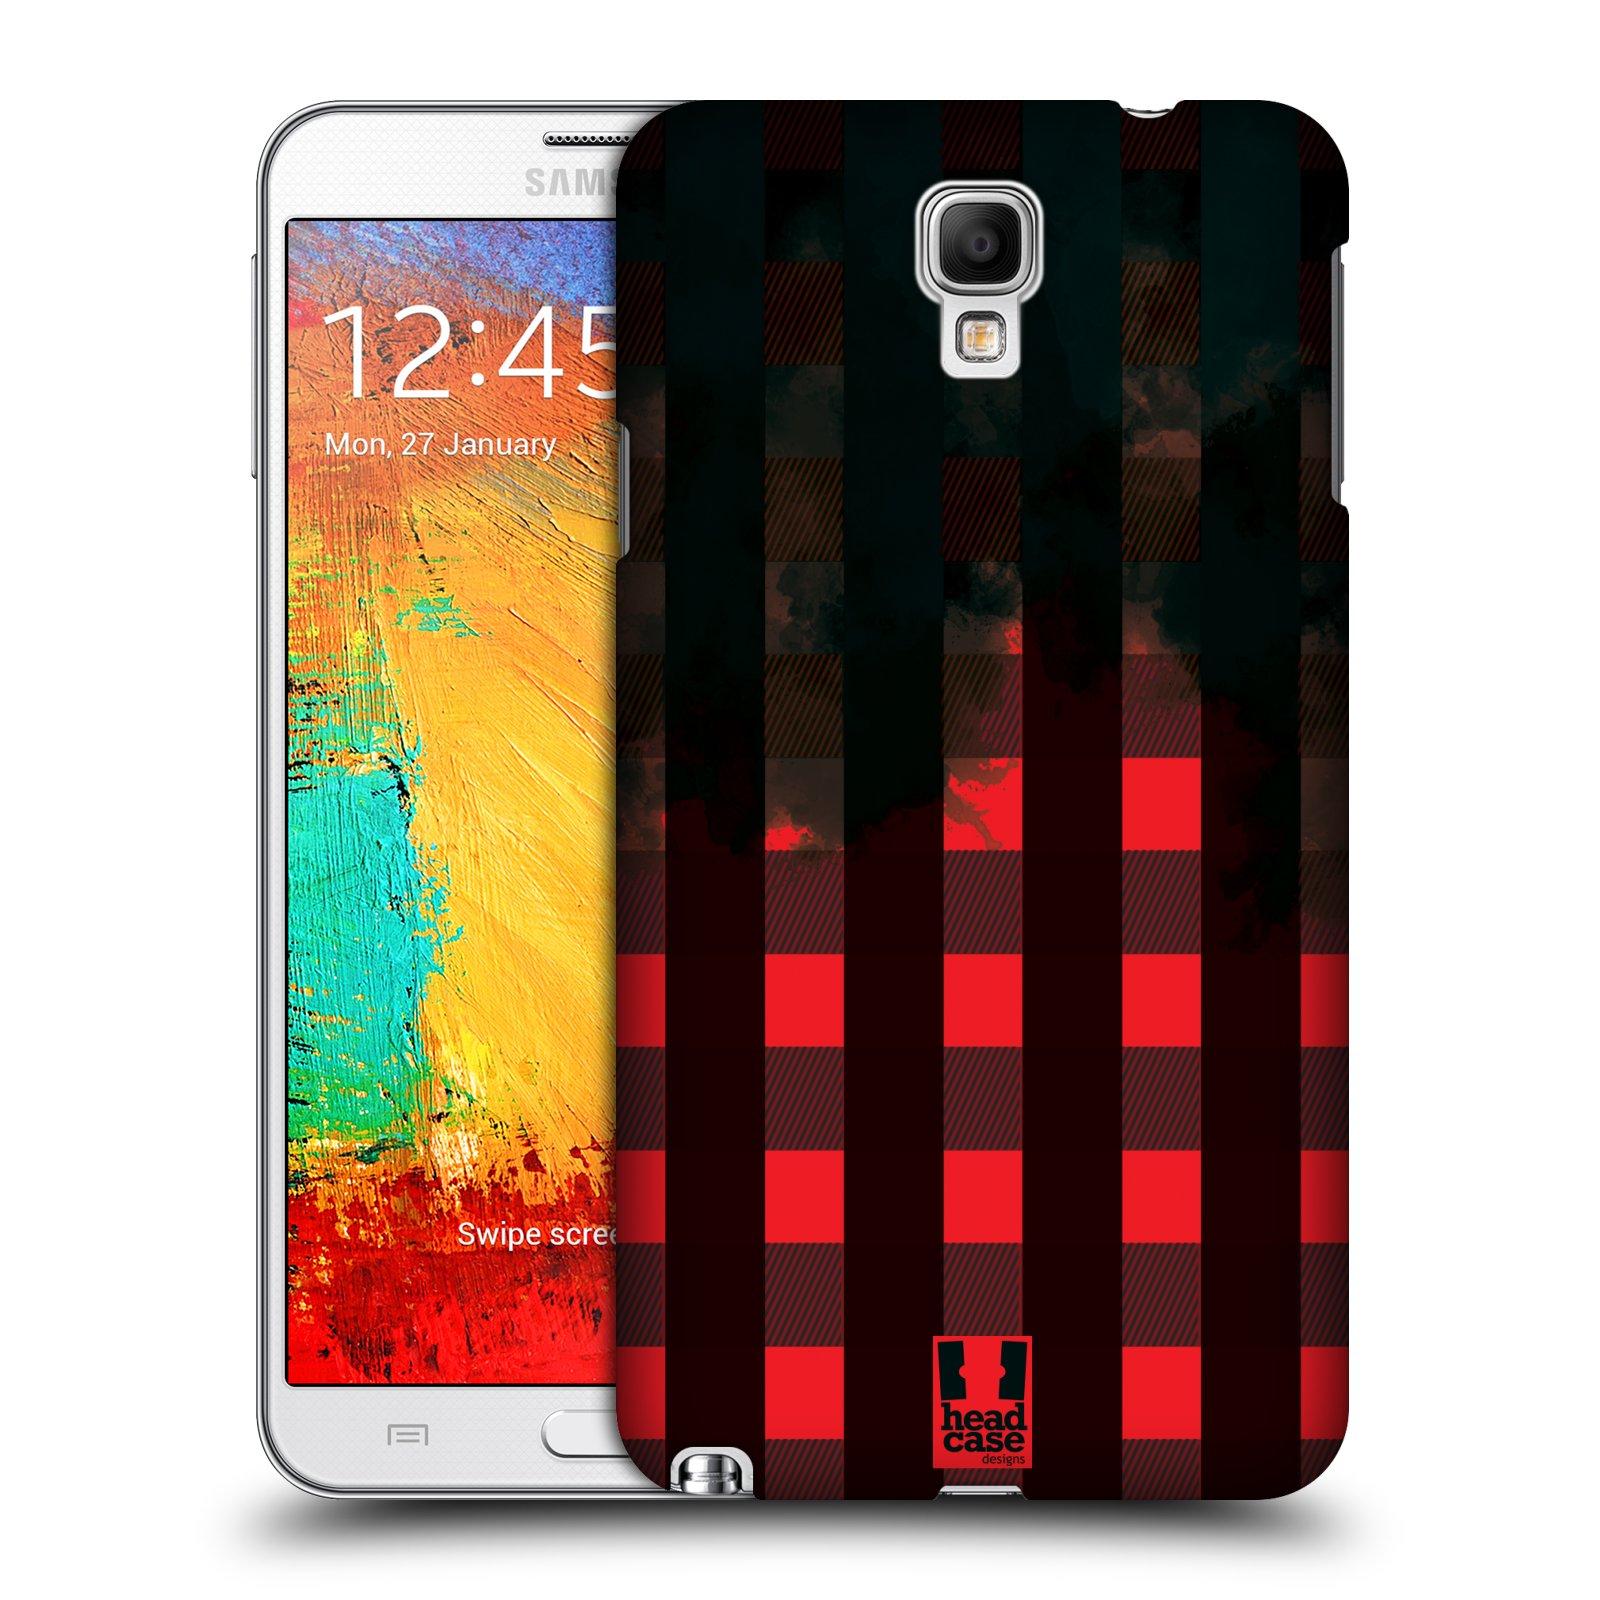 Plastové pouzdro na mobil Samsung Galaxy Note 3 Neo HEAD CASE FLANEL RED BLACK (Kryt či obal na mobilní telefon Samsung Galaxy Note 3 Neo SM-N7505)